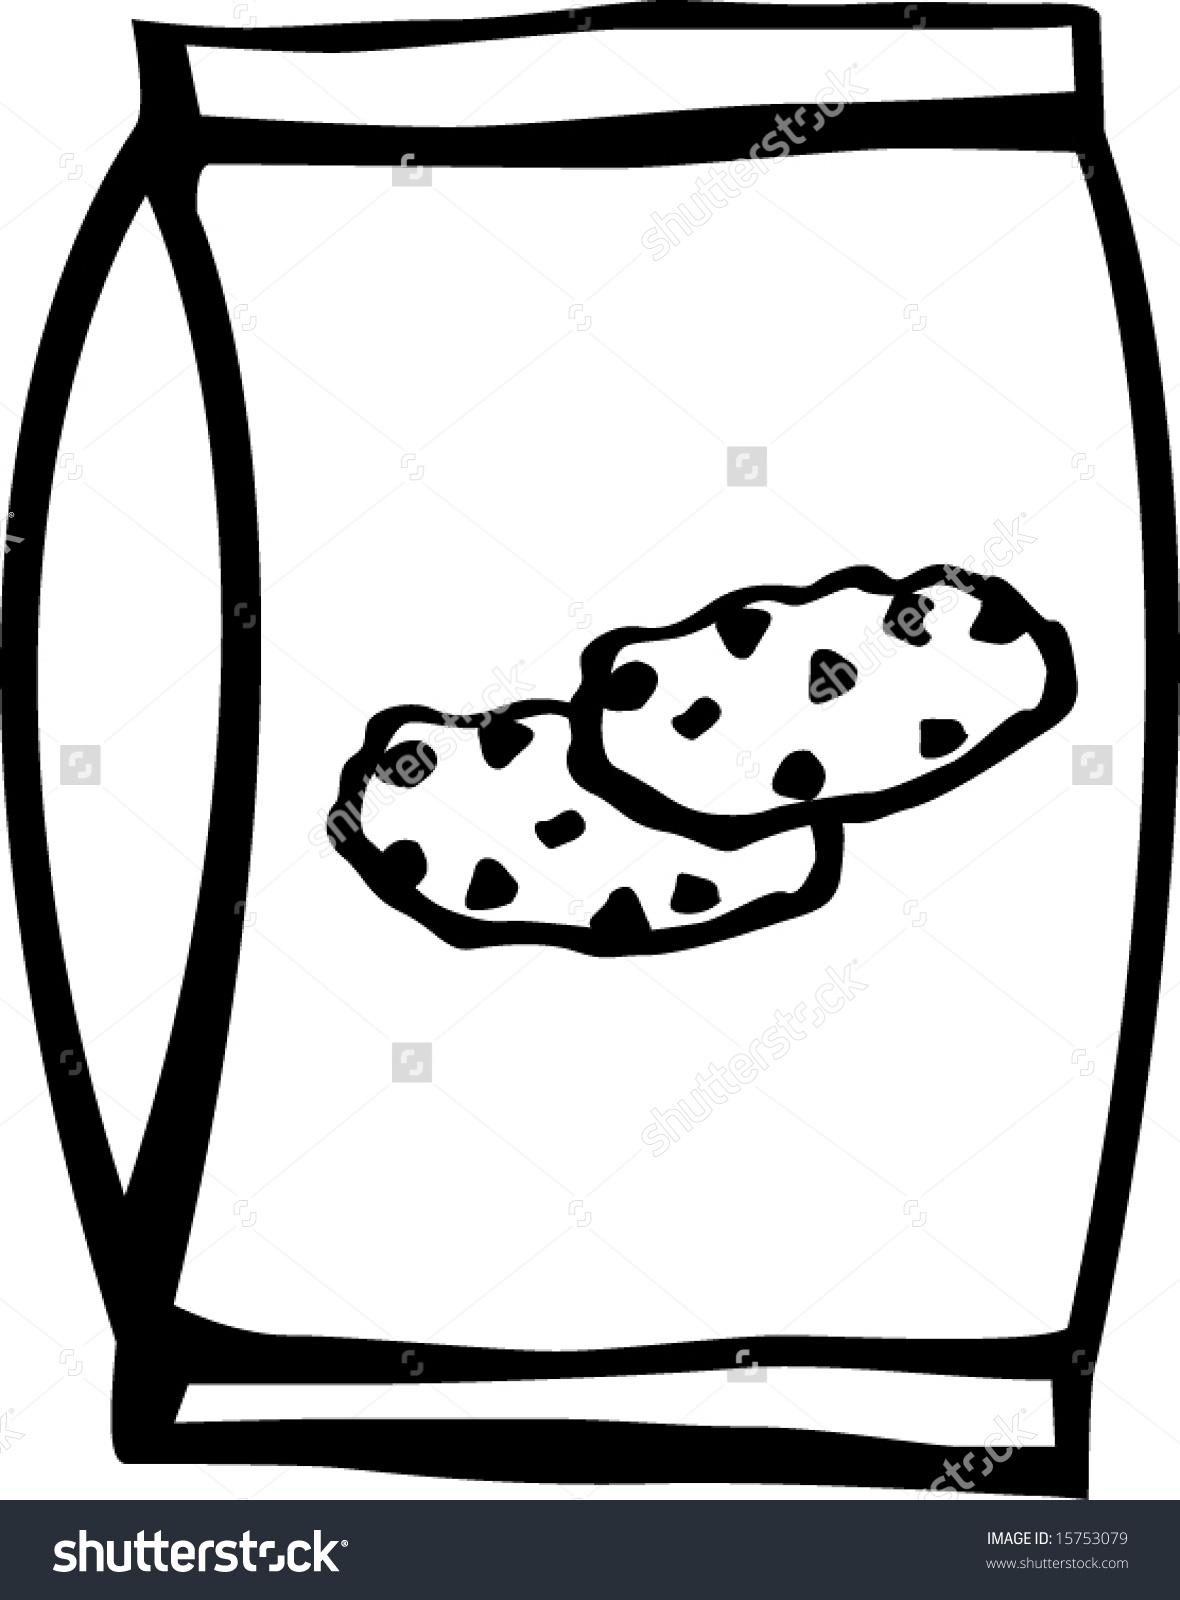 Art Bag Potato Chip Black White Clip And Plain